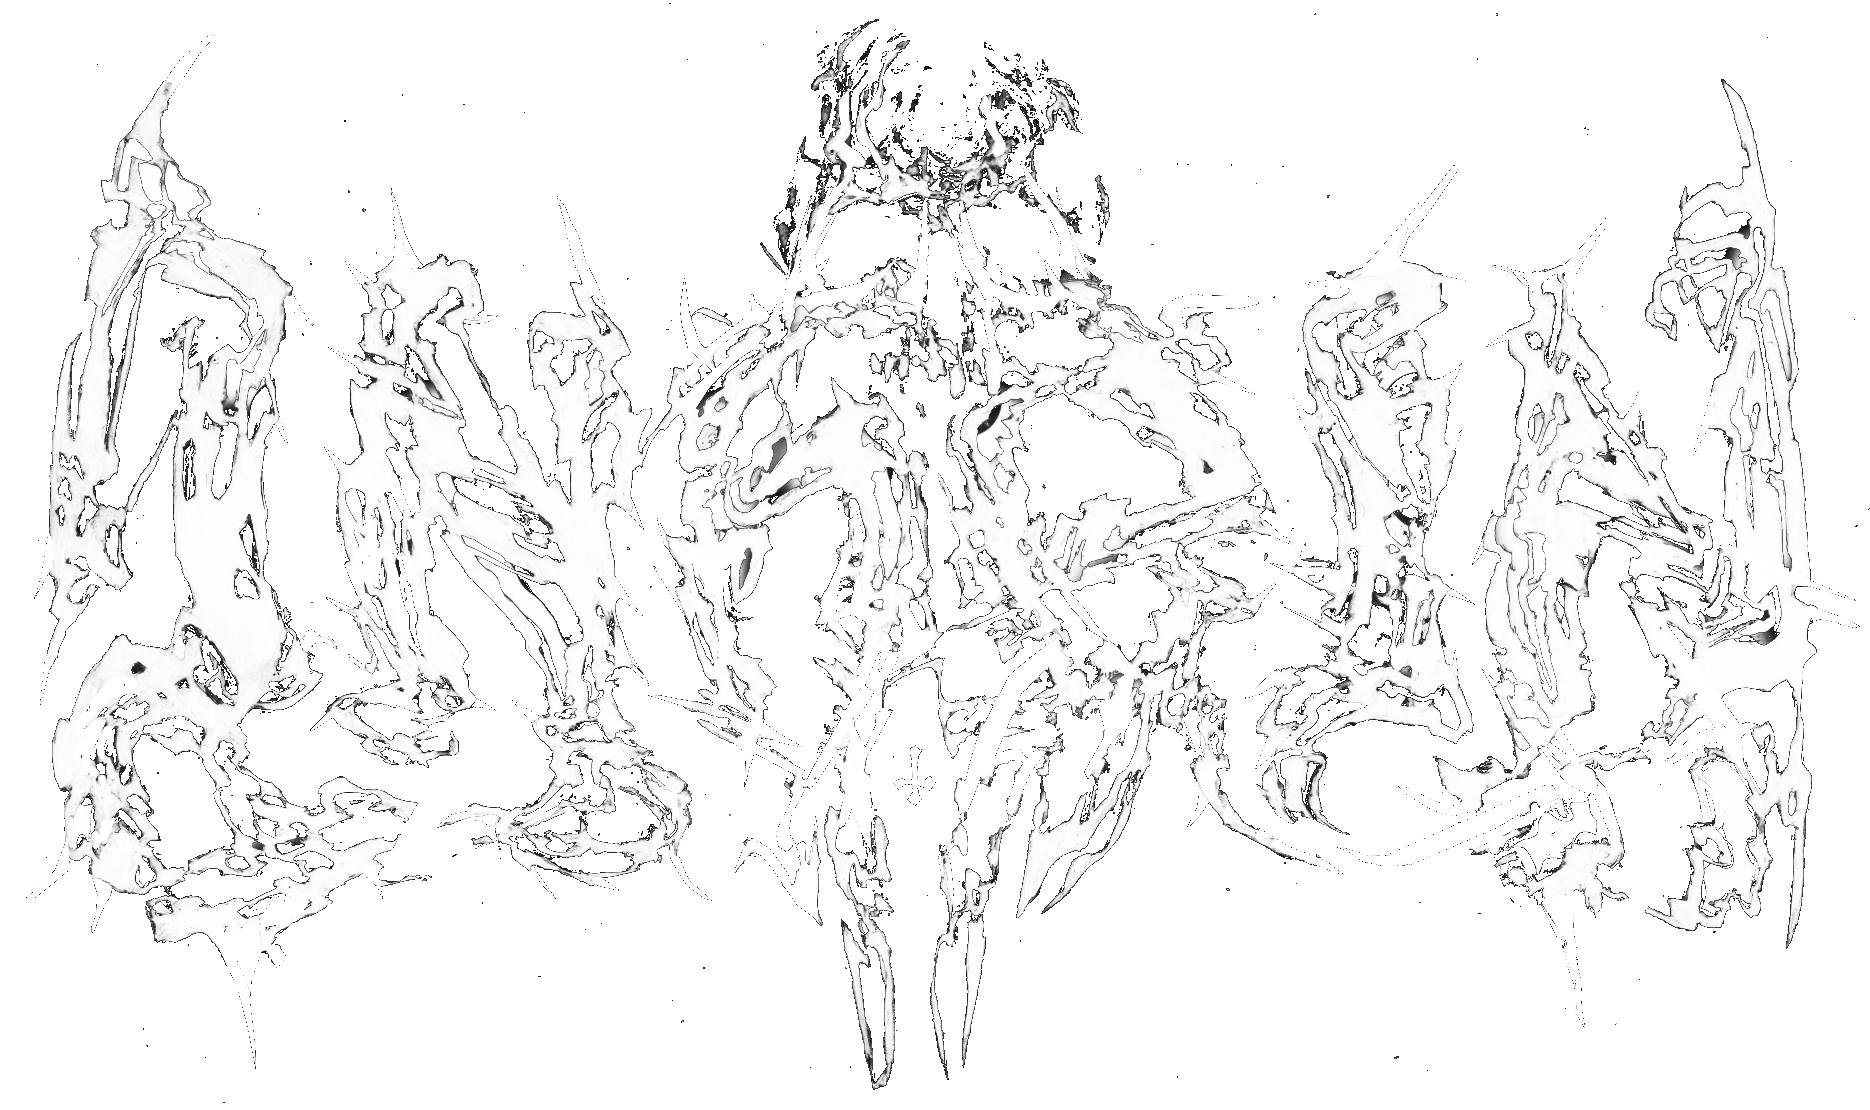 Inhein